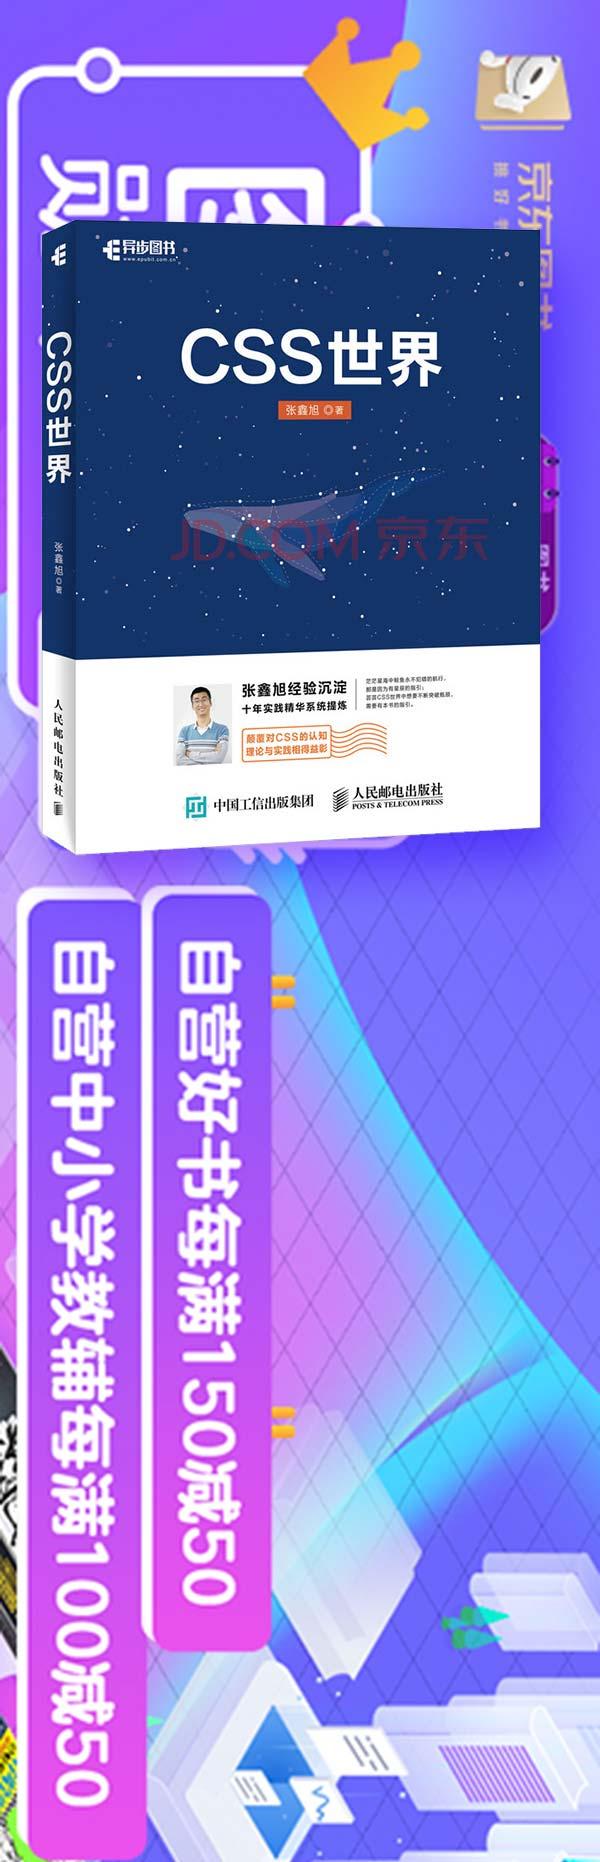 基于position Fixed实现的信息流滚动背后不跟随的广告效果 张鑫旭 鑫